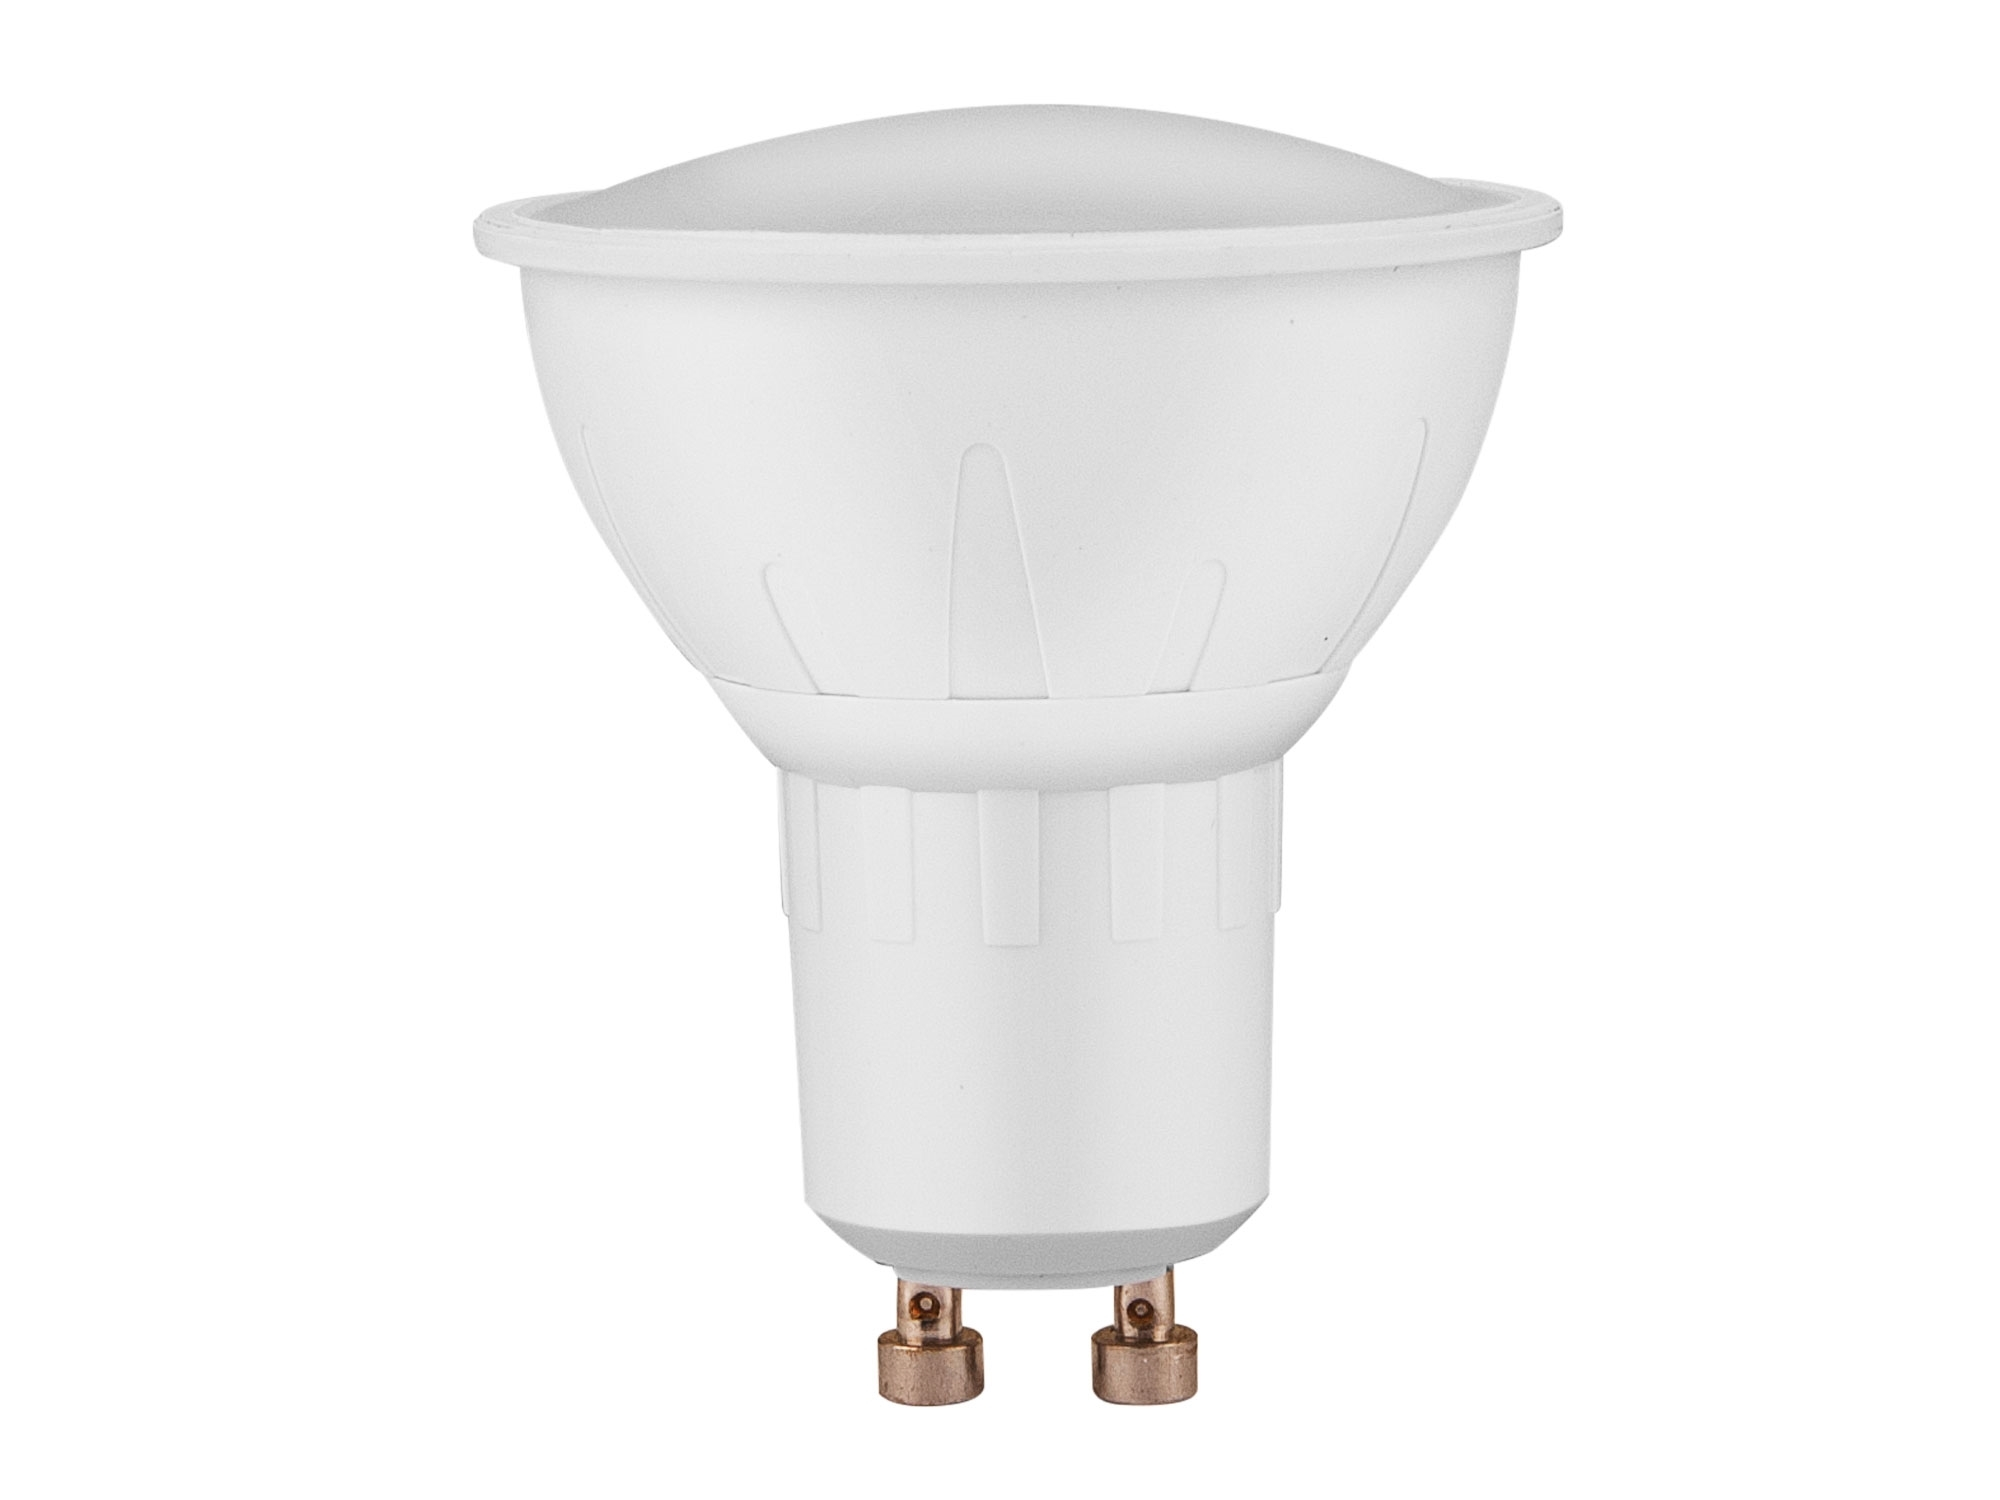 žárovka LED reflektorová, 4W, 320lm, GU10, teplá bílá